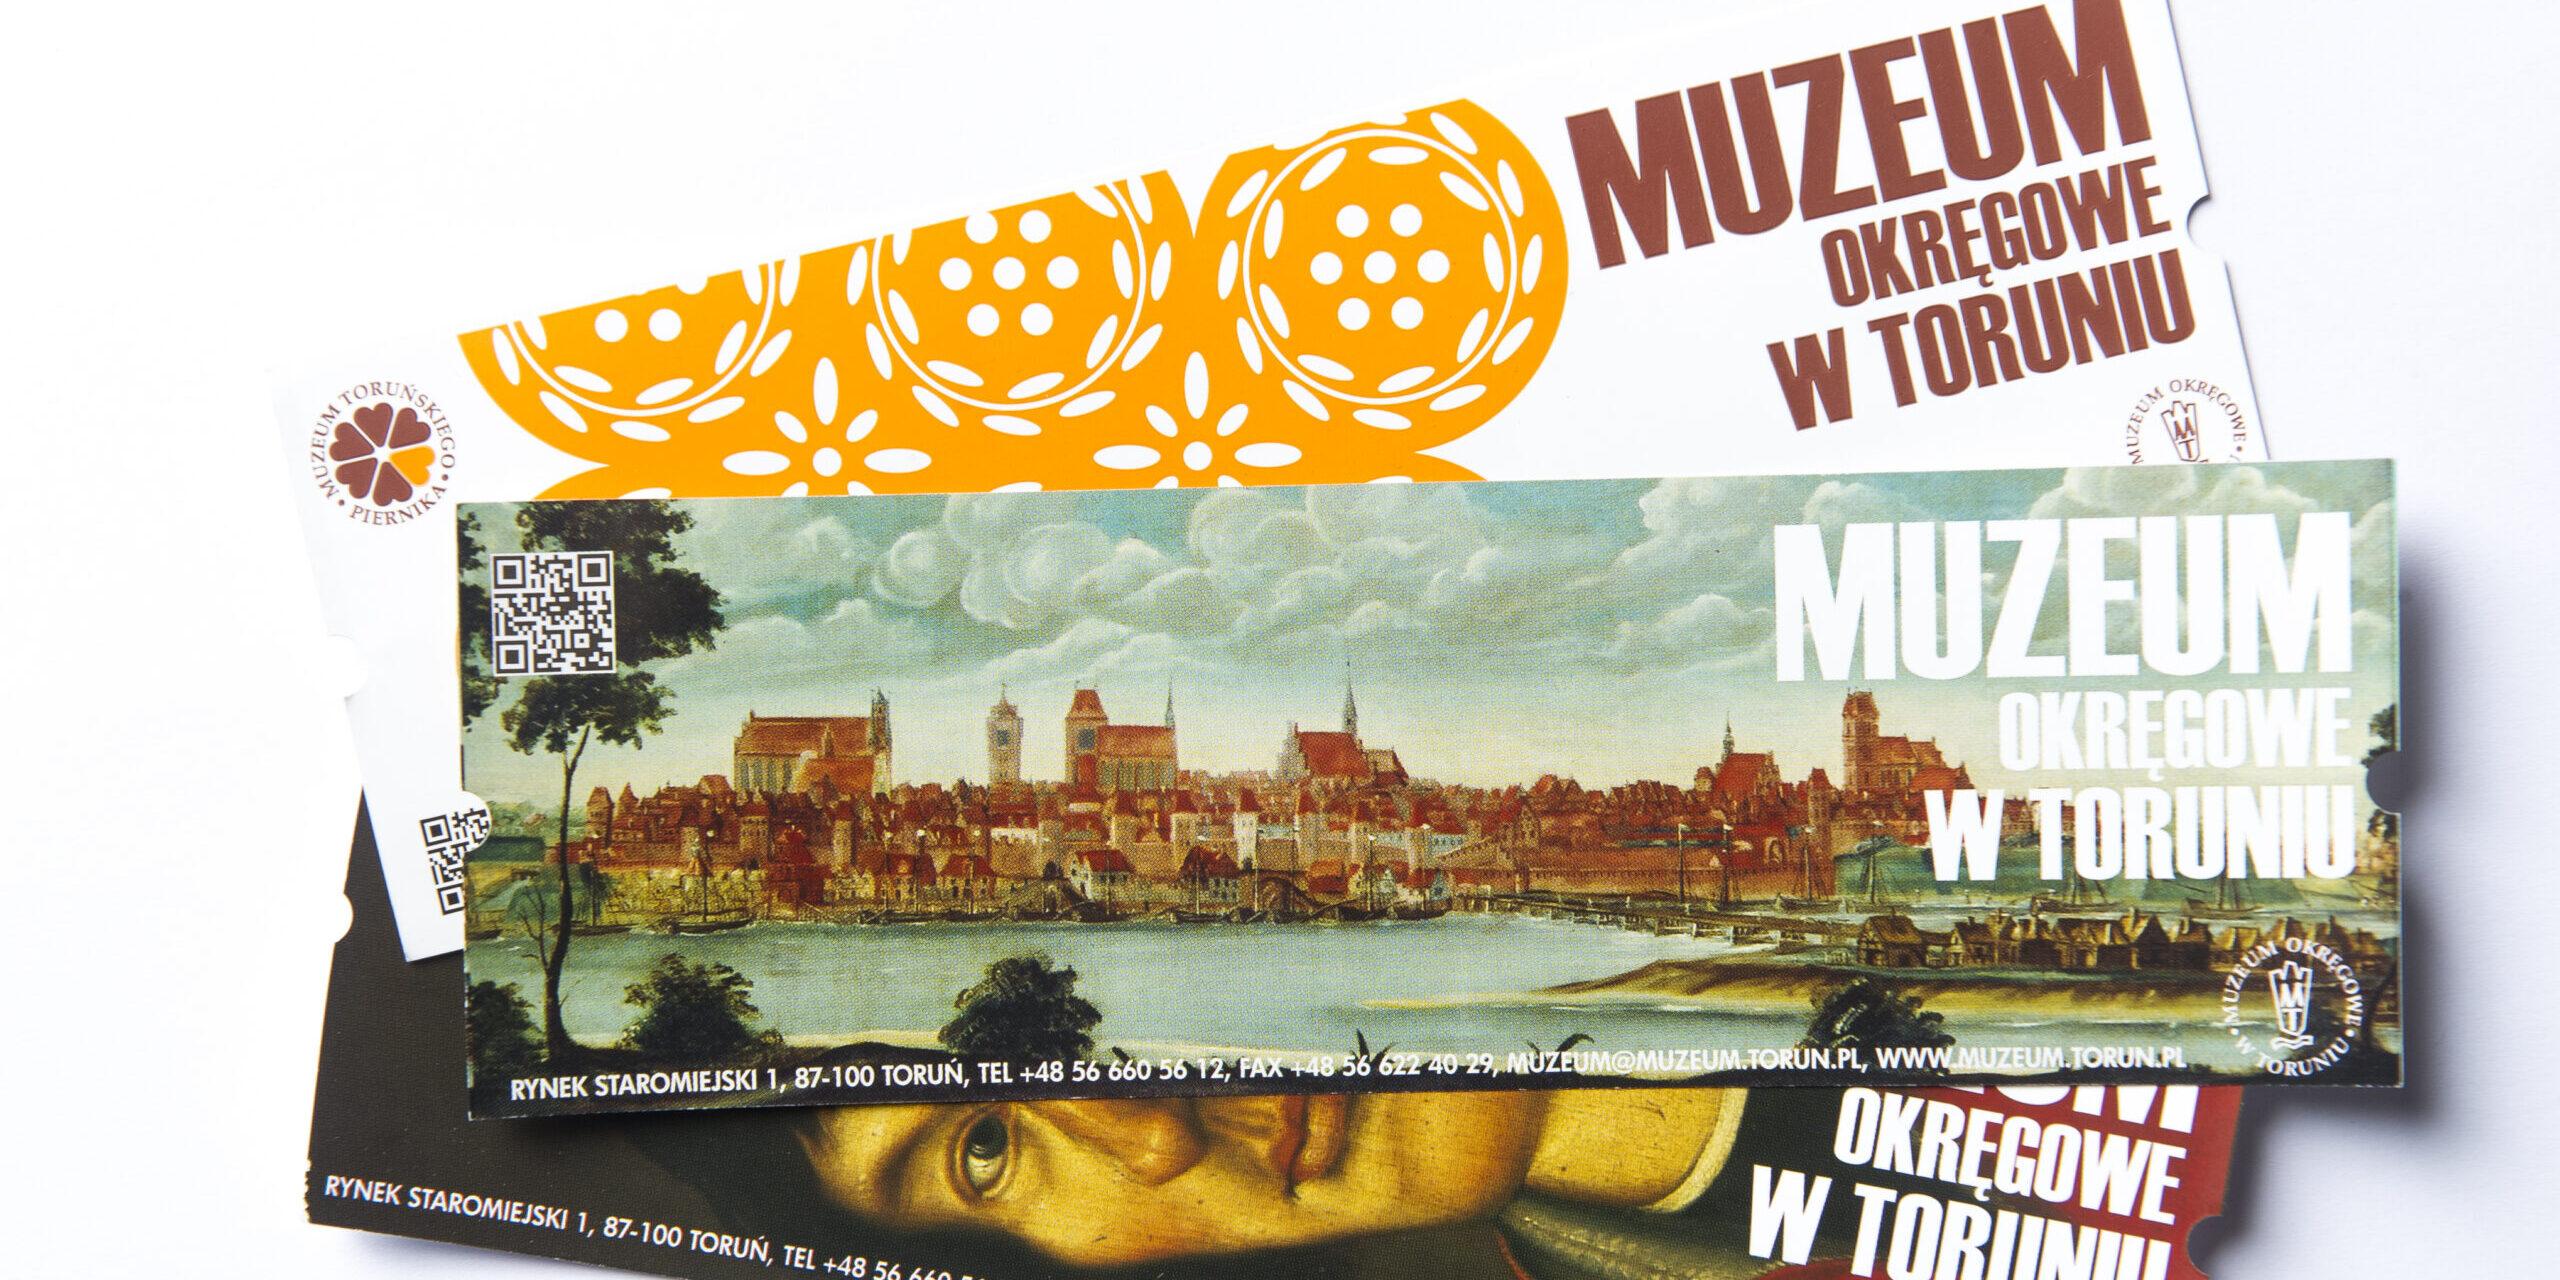 Zmiany cen biletów oraz usług świadczonych przez Muzeum Okręgowe w Toruniu